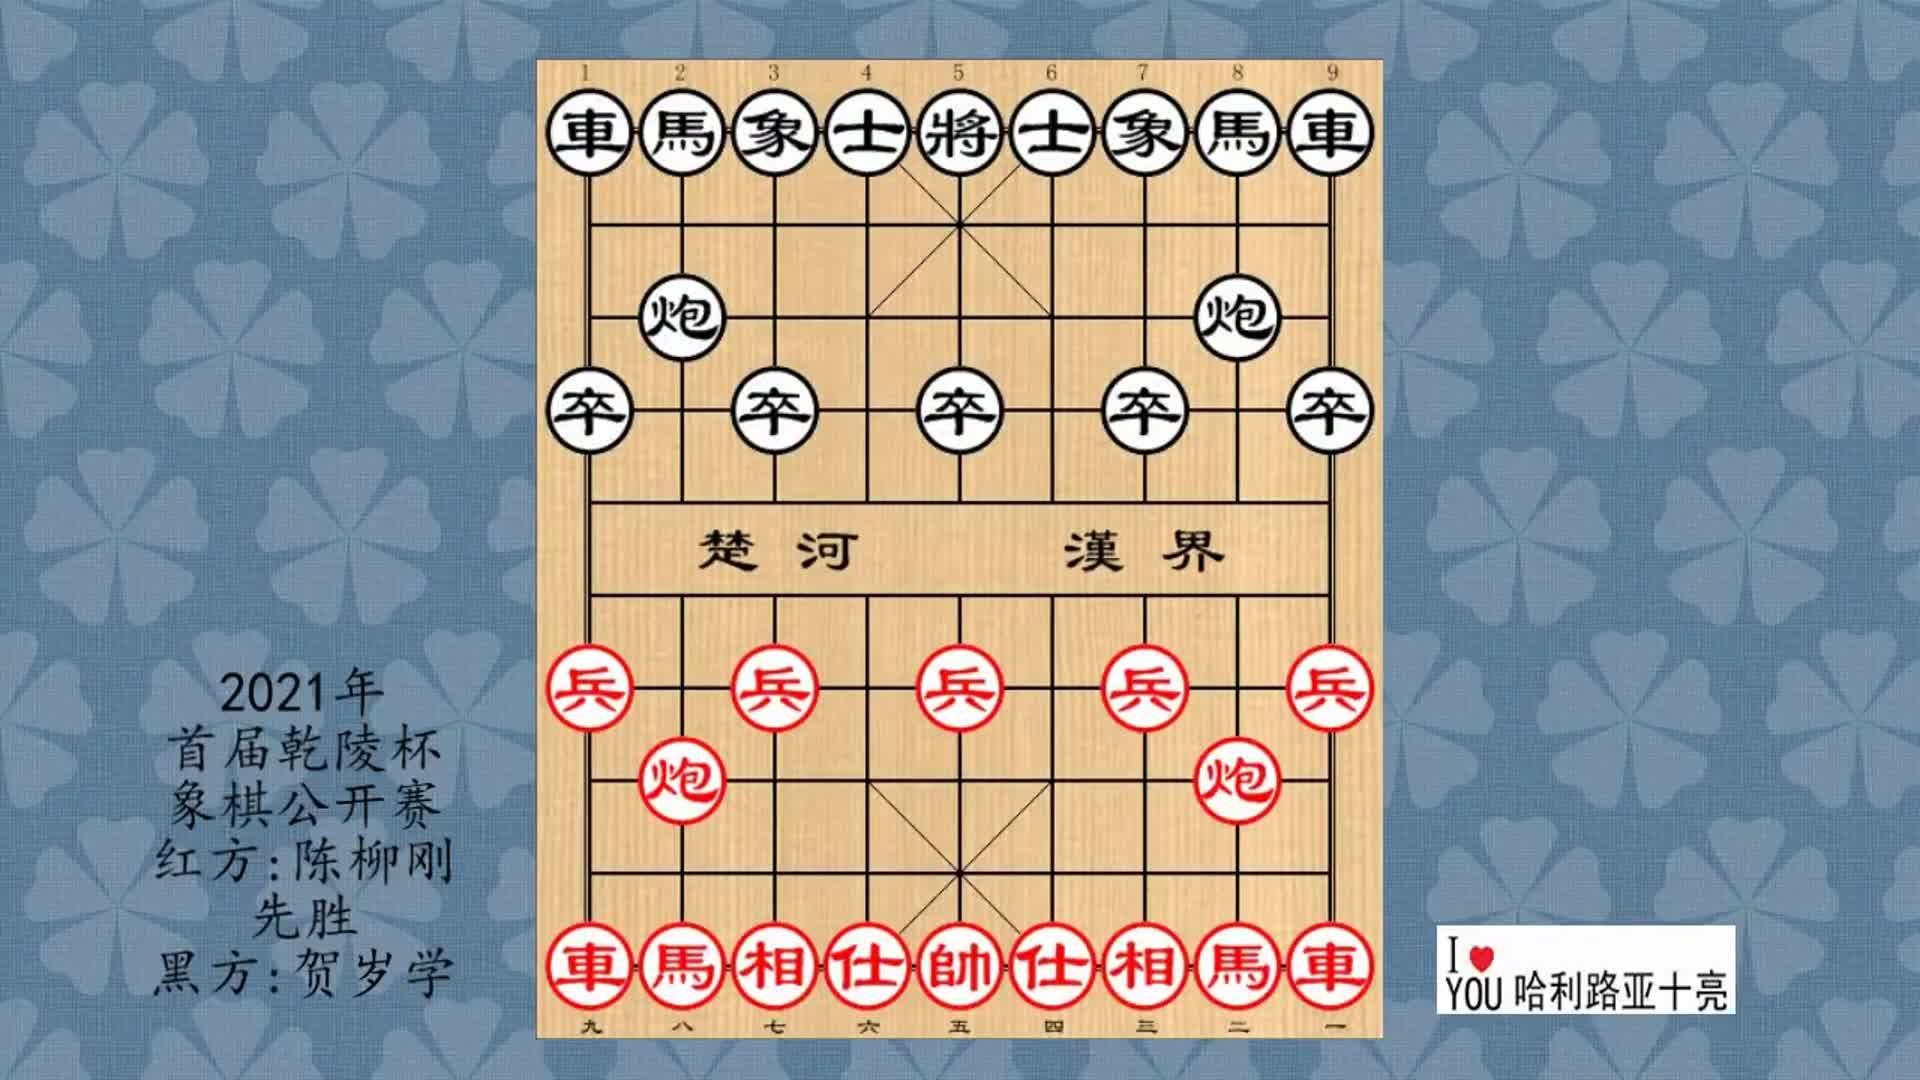 2021年首届乾陵杯象棋公开赛,陈柳刚先胜贺岁学